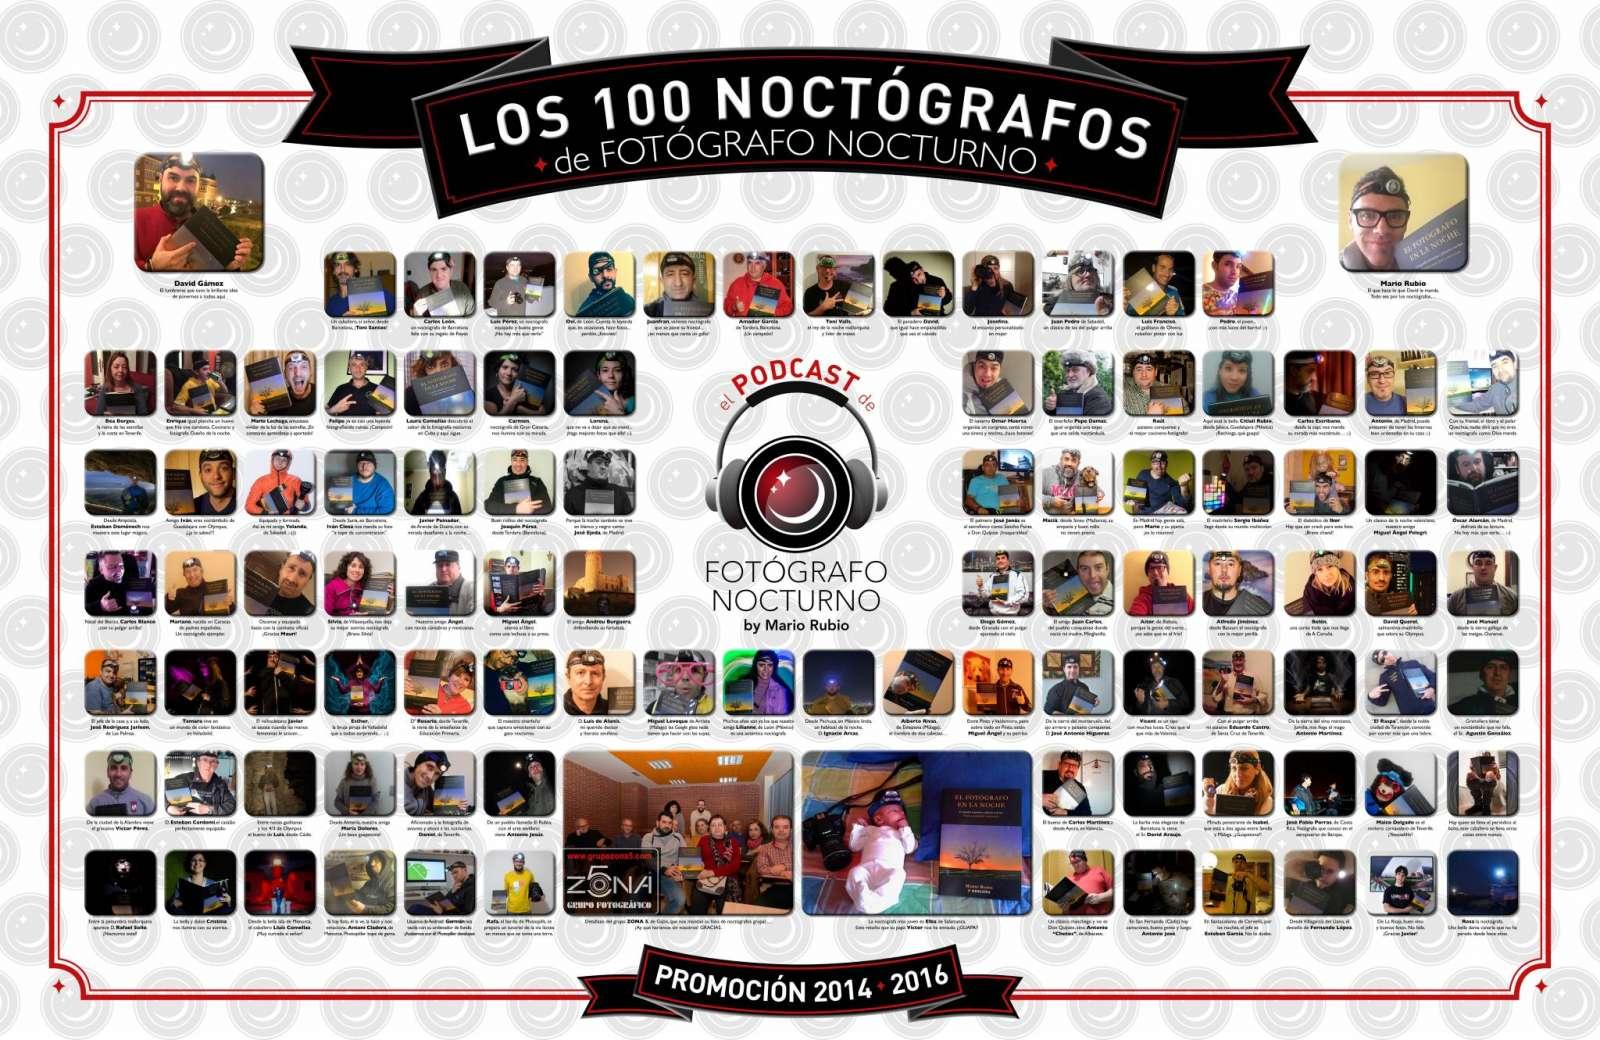 web 300PX_orla noctografos